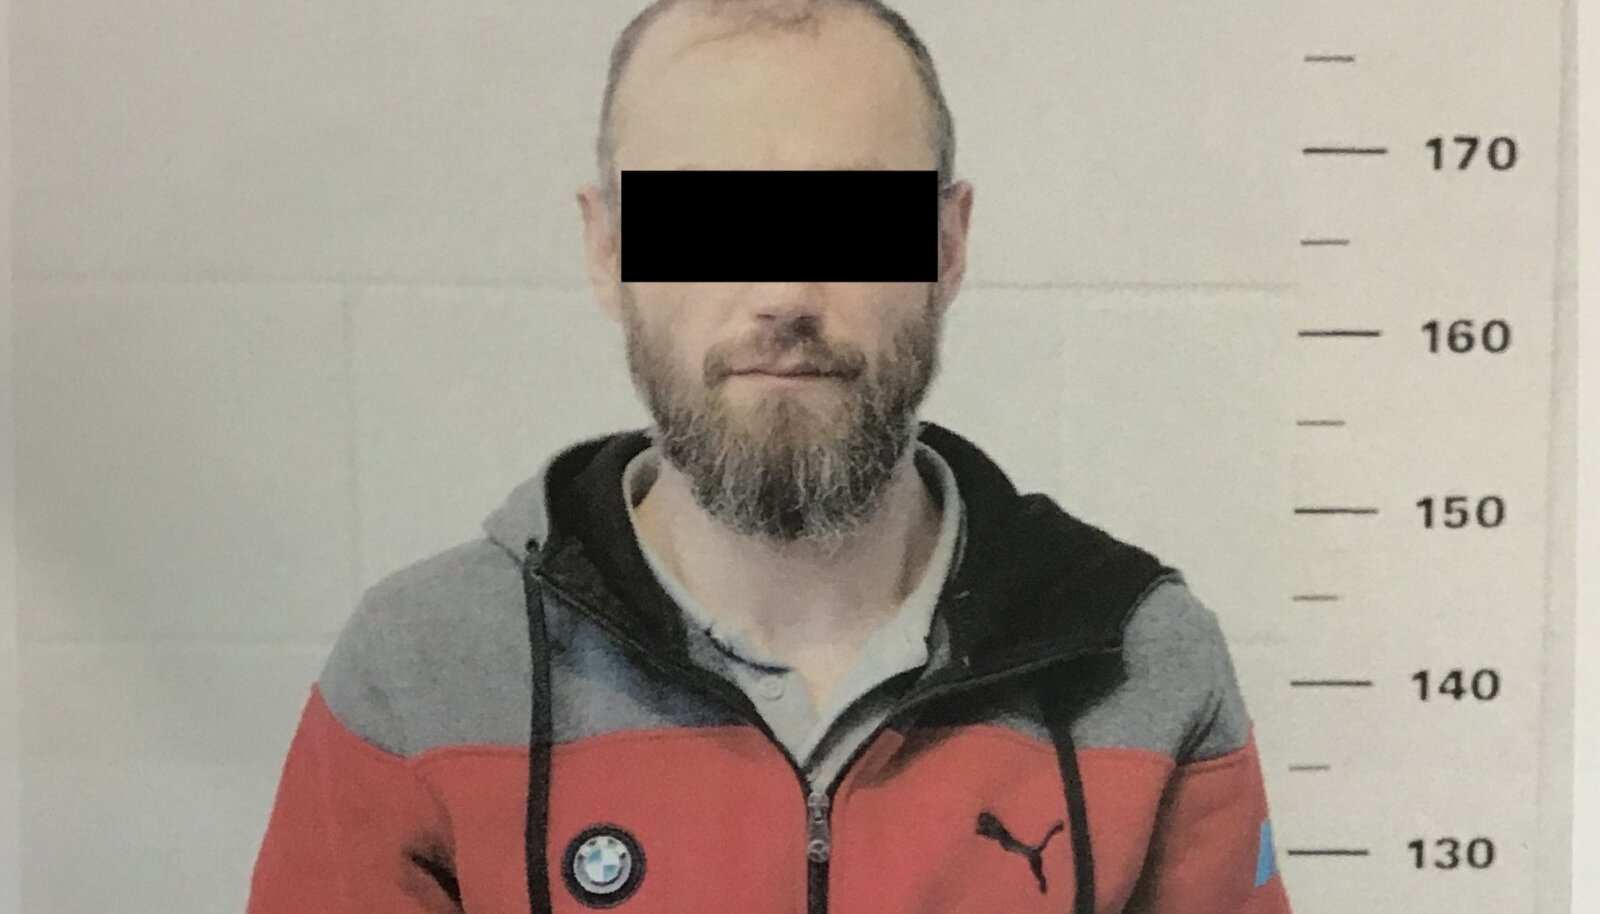 """""""MA EI SAA ISE ARU, MIS JUHTUS"""": Serhii röövis talle tundmatult eestlannalt mobiiltelefoni, mille seejärel kohe minema viskas."""